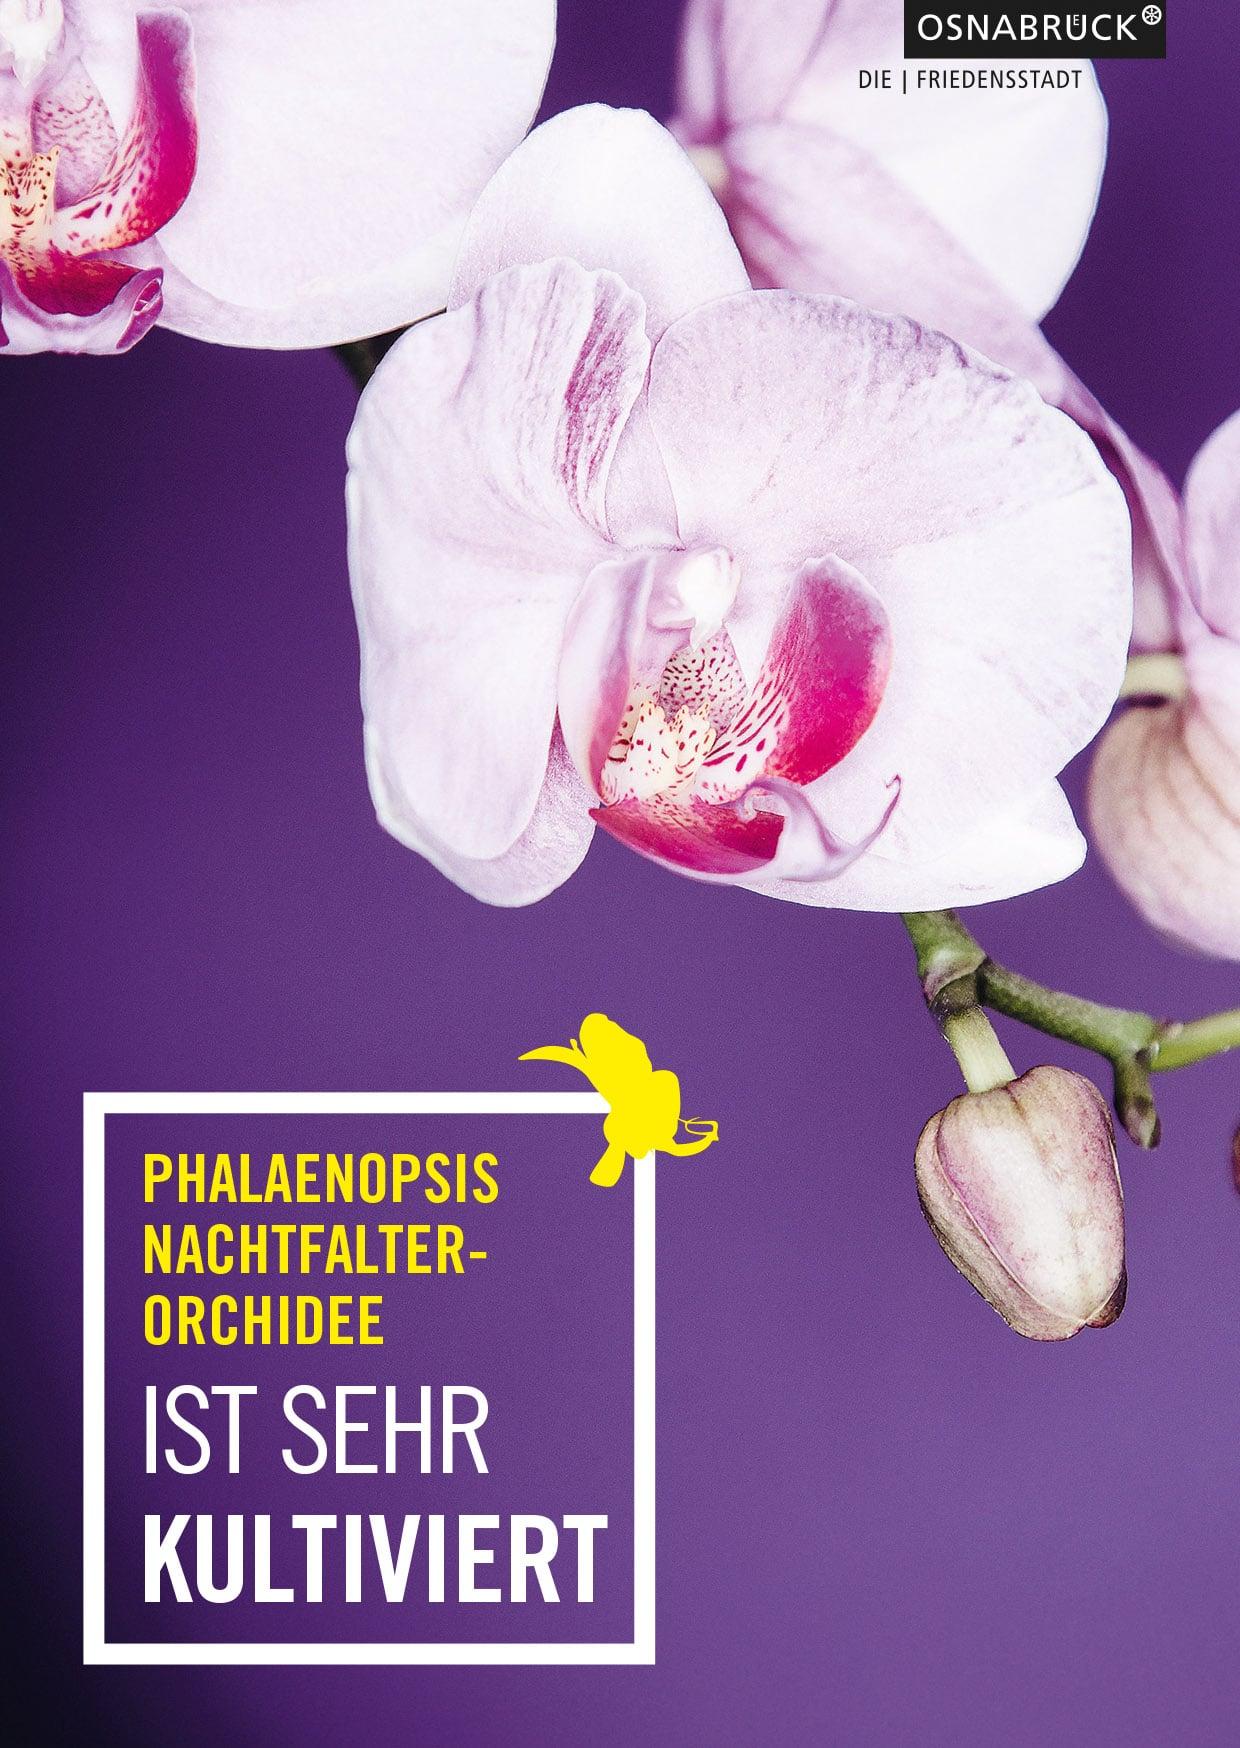 Design Postkarten für Orchideenausstellung in Osnabrück von der Osnabrücker Grafikdesignagentur Hasegold